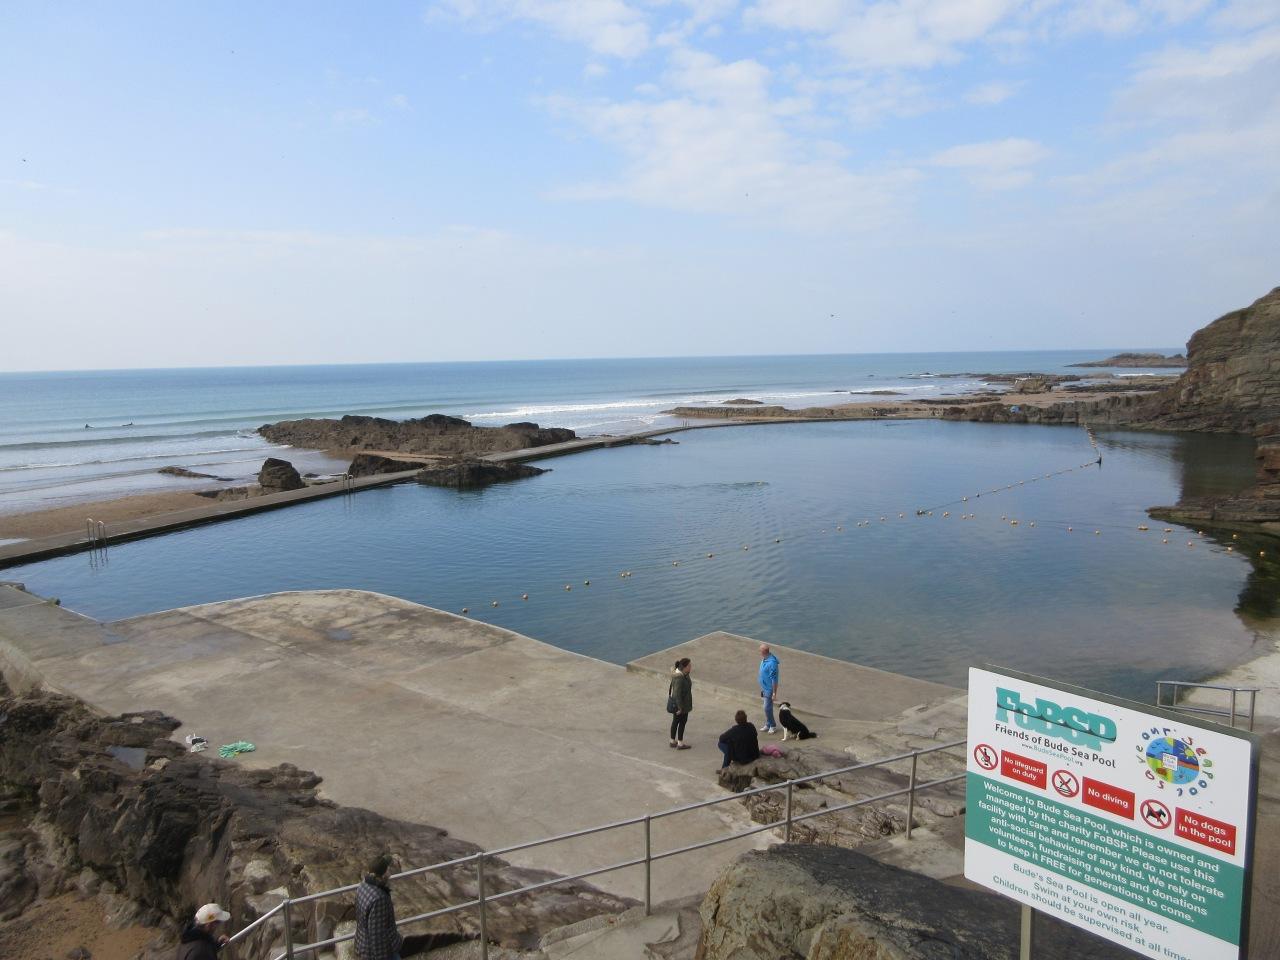 Bude Sea Pool: to infinity andbeyond